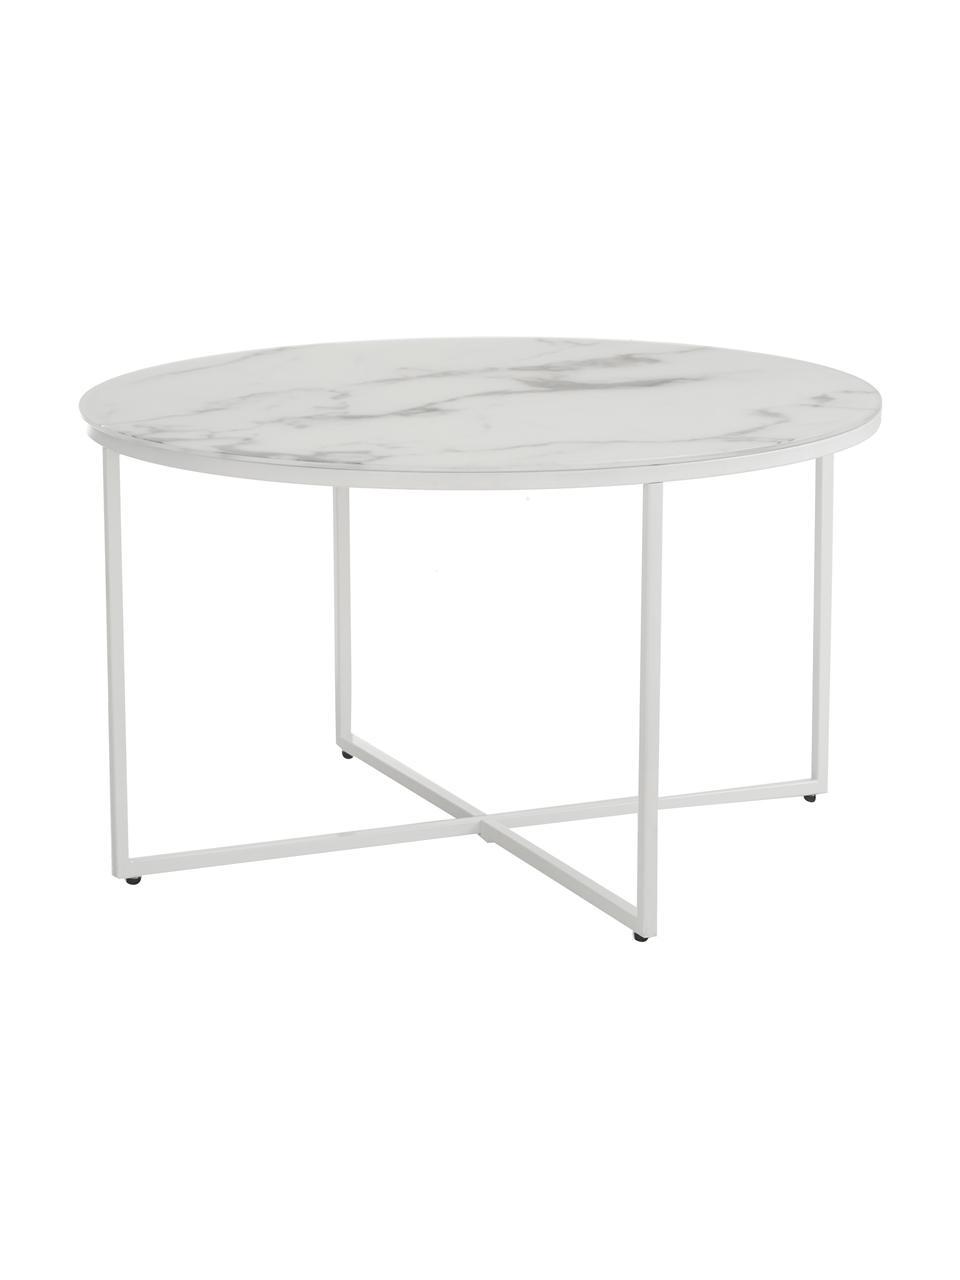 Tavolino da salotto con piano in vetro effetto marmo Antigua, Struttura: acciaio verniciato a polv, Bianco-grigio marmorizzato, bianco, Ø 80 x Alt. 45 cm